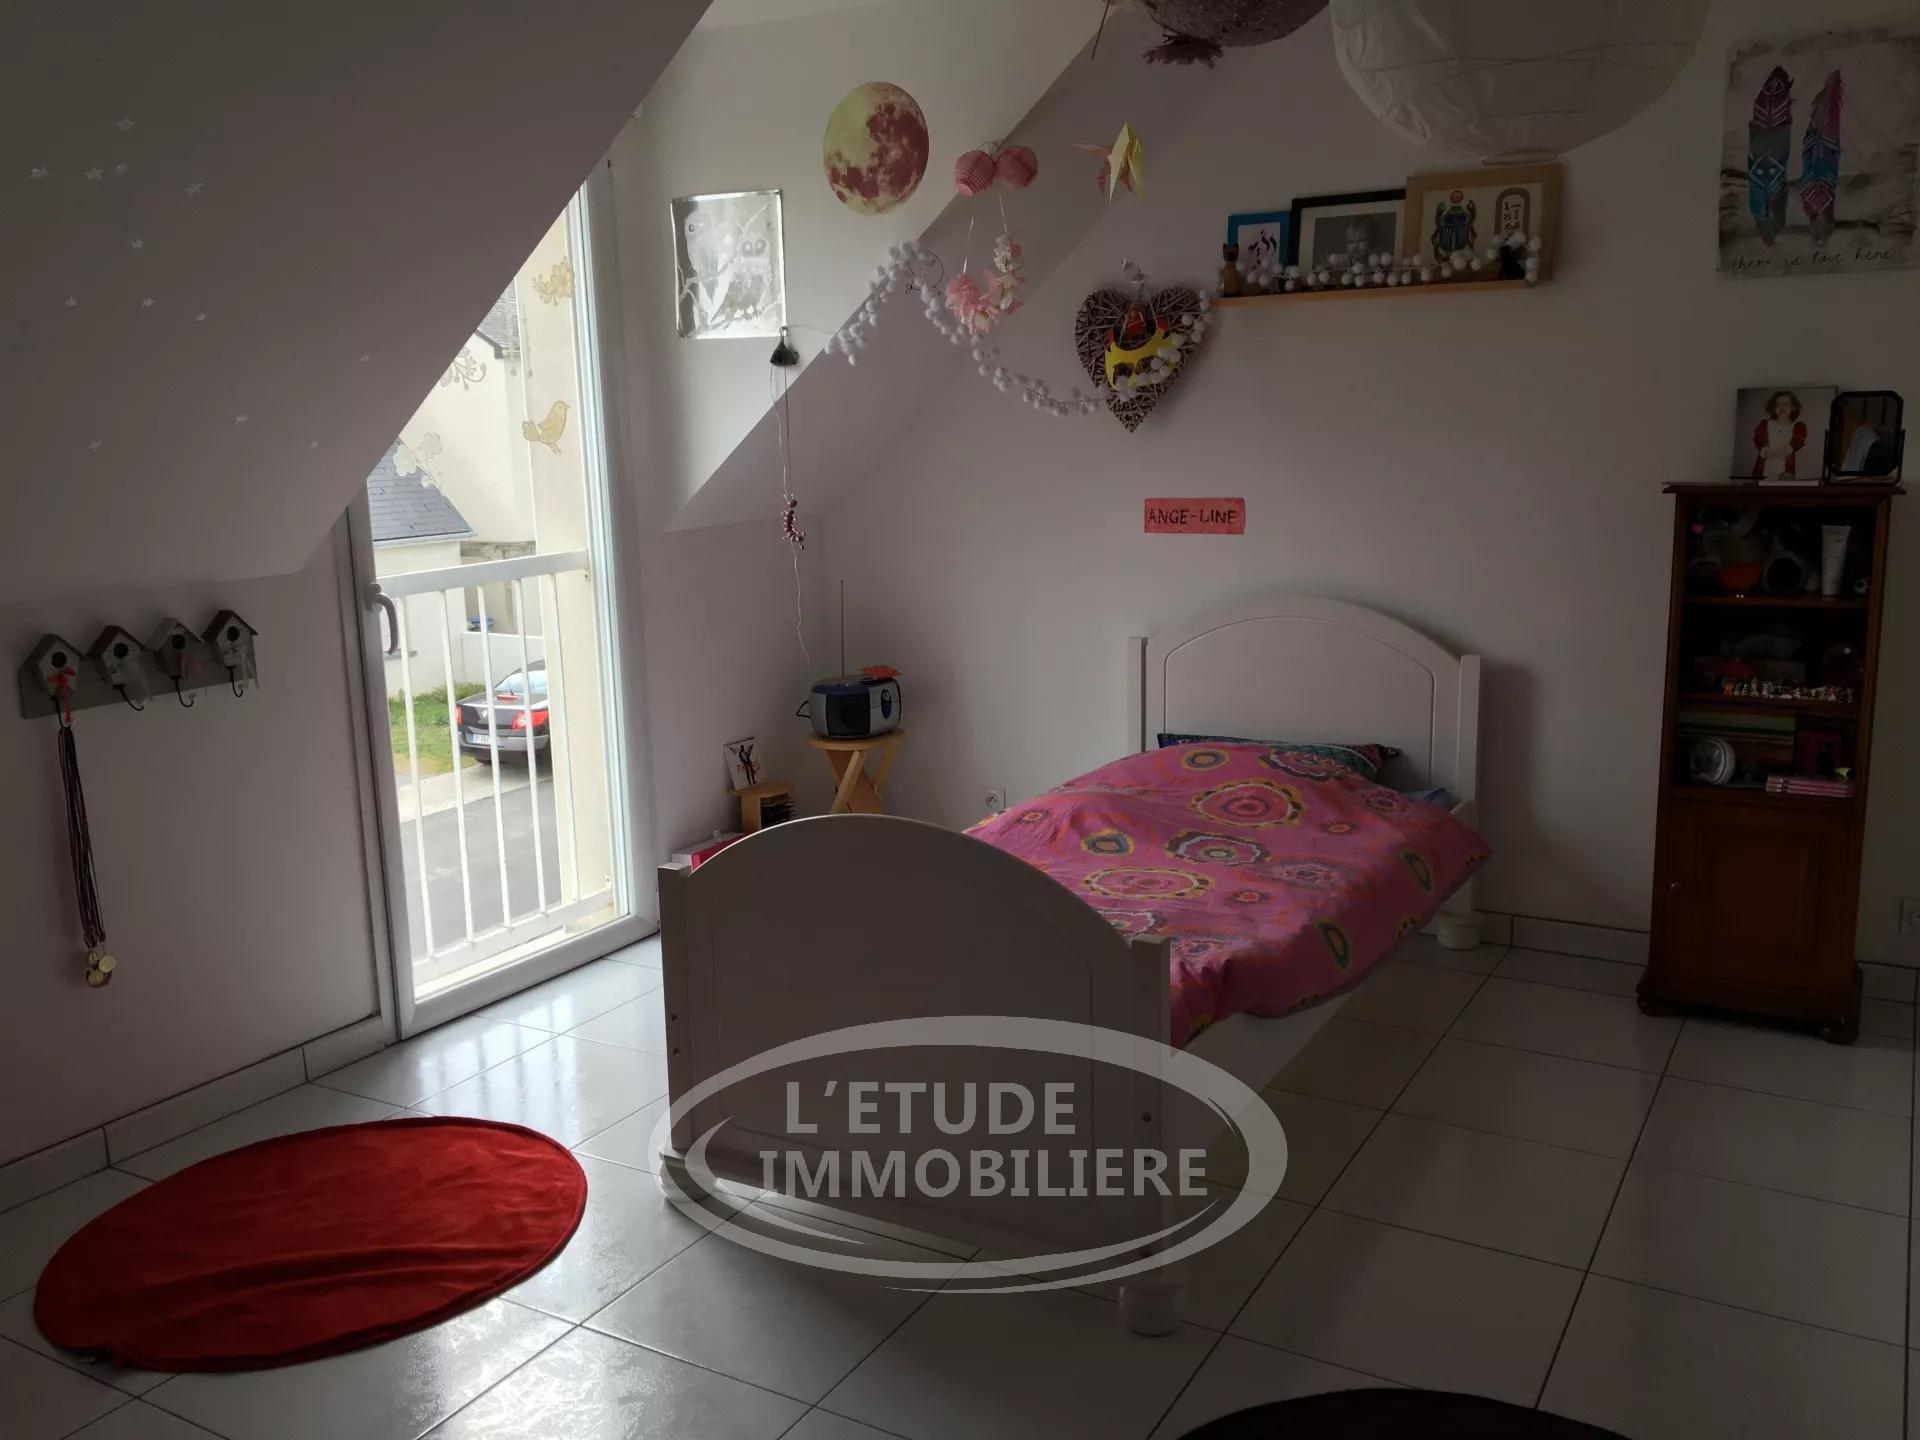 Ste Luce/s/Loire : Contemporaine 4 chs + bureau à découvrir !